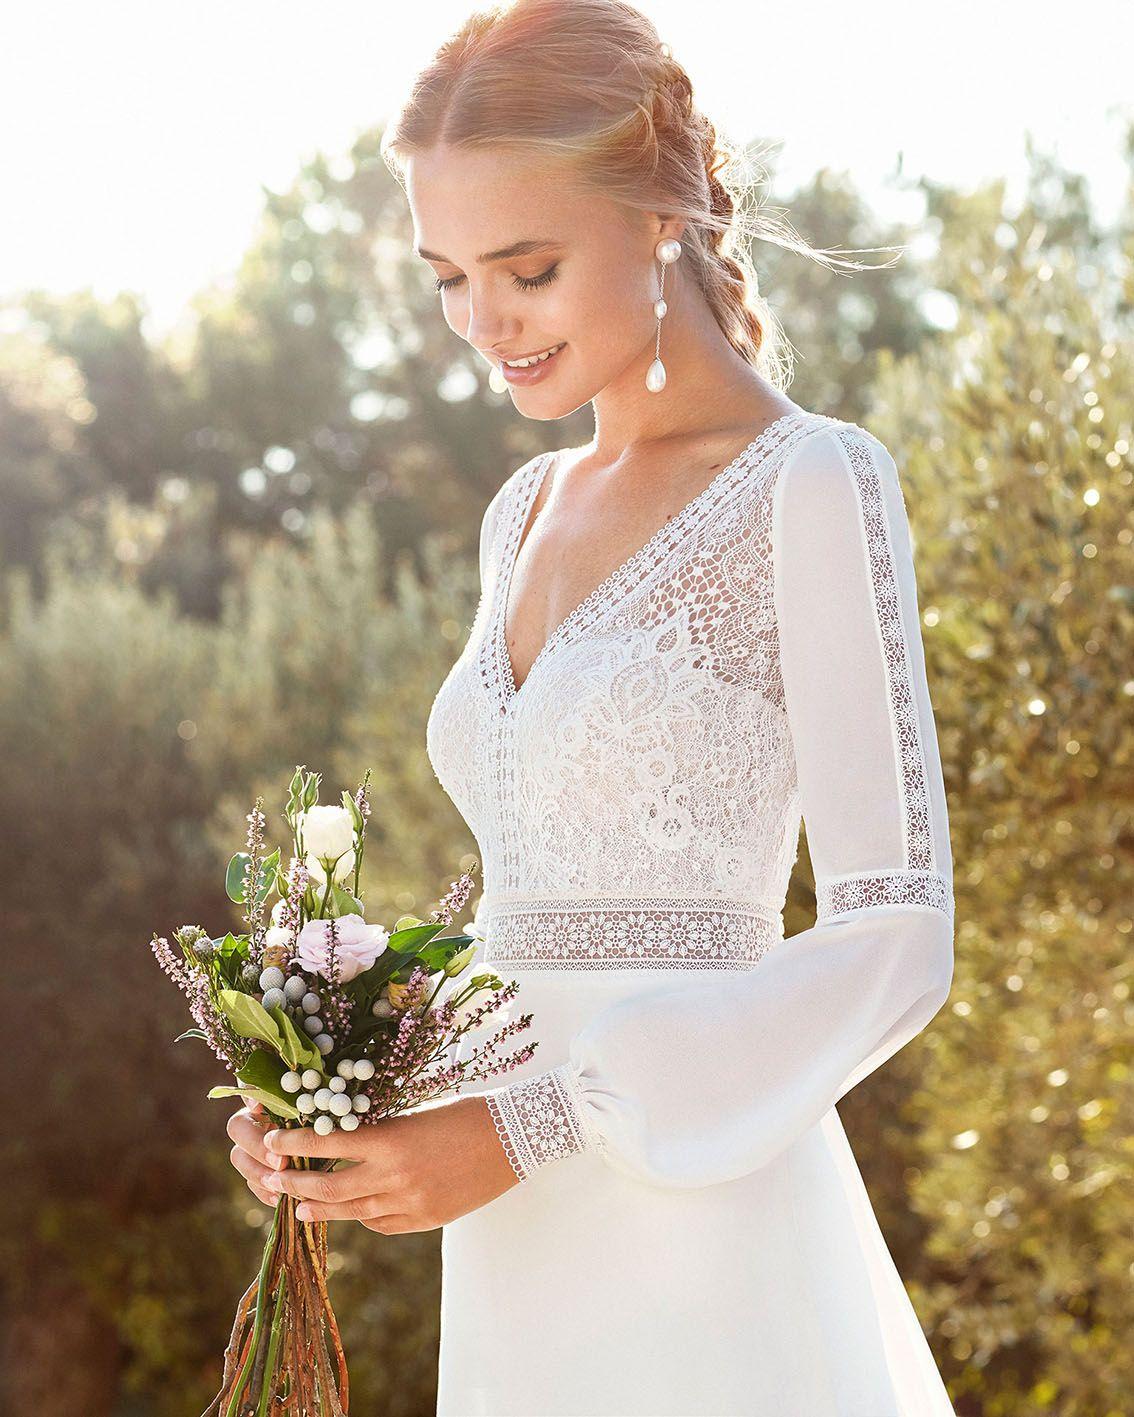 Brautkleid Caimad. Schmales Boho-Brautkleid und Schleppe aus elastischem Crêpe. V-Ausschnitt vorne und am Rücken, mit langen Ärmeln. Rosa Clará Kollektion 2020. Erhältlich bei Brautmoden Tegernsee. #brautkleid #brautkleider #hochzeitskleid #hochzeitskleider #brautkleid2020 #brautkleider2020 #rosaclara #brautmodentegernsee #vintage #boho #bohostyle #boheme